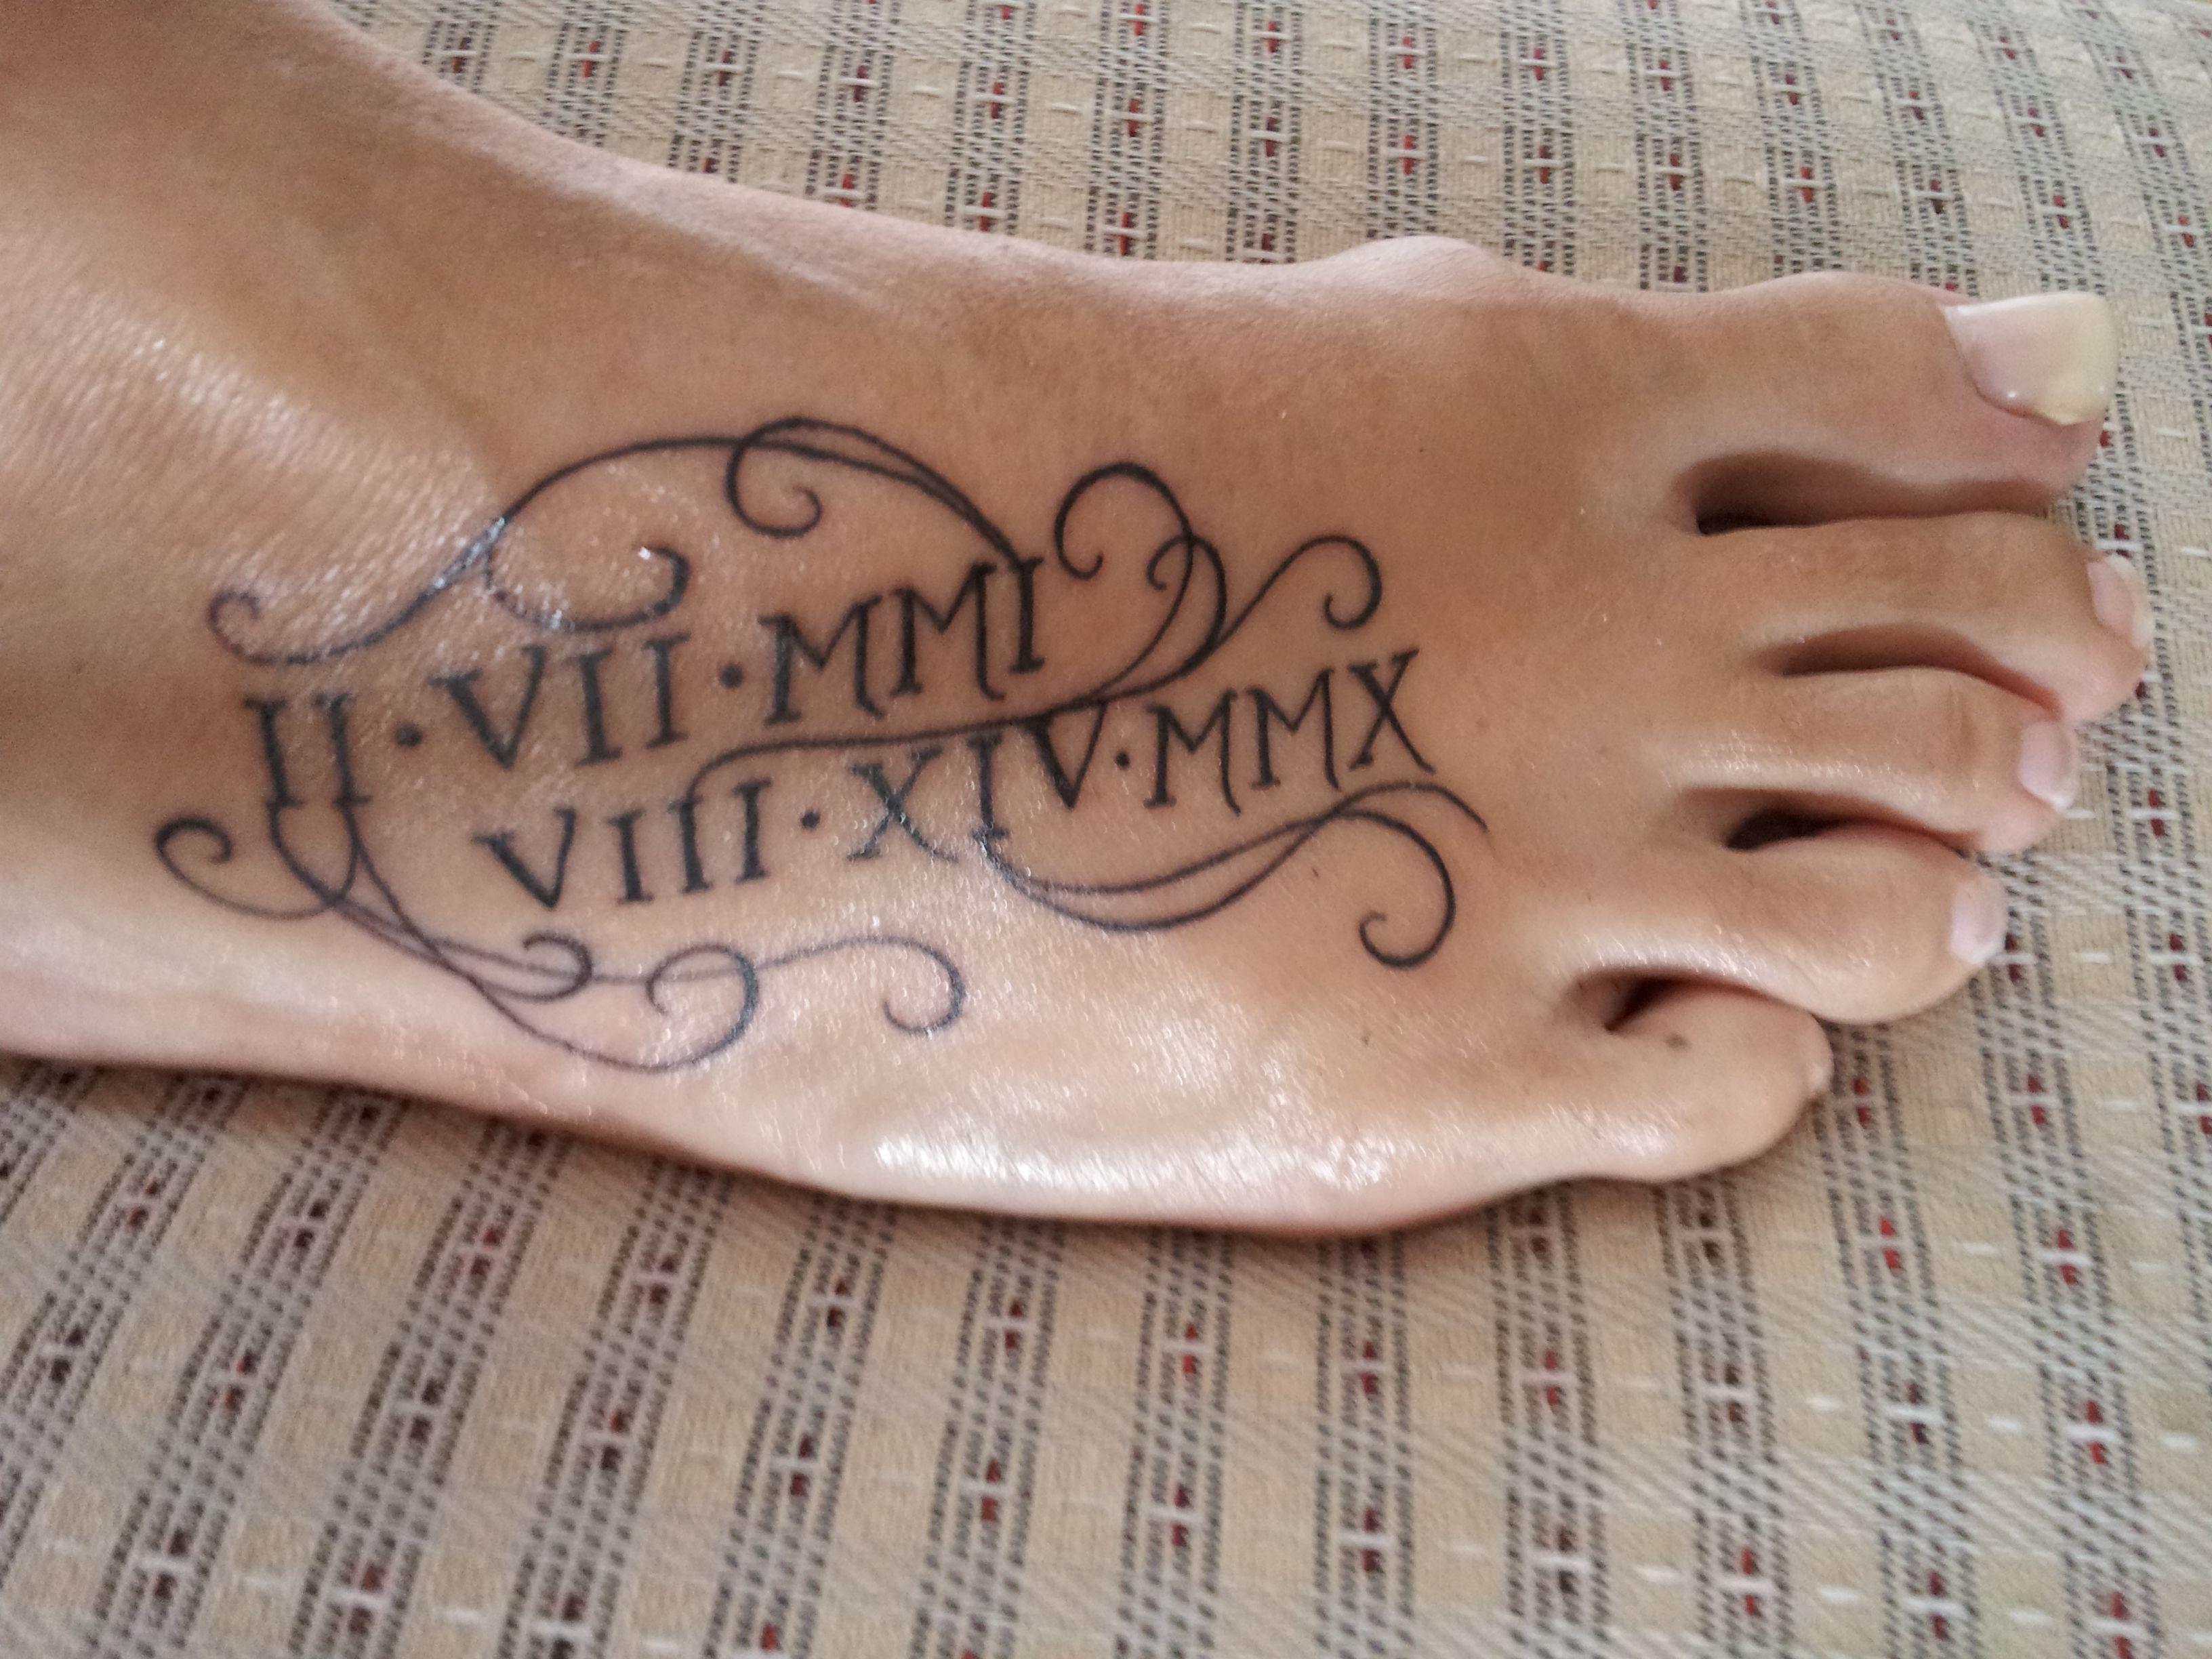 New tat!!